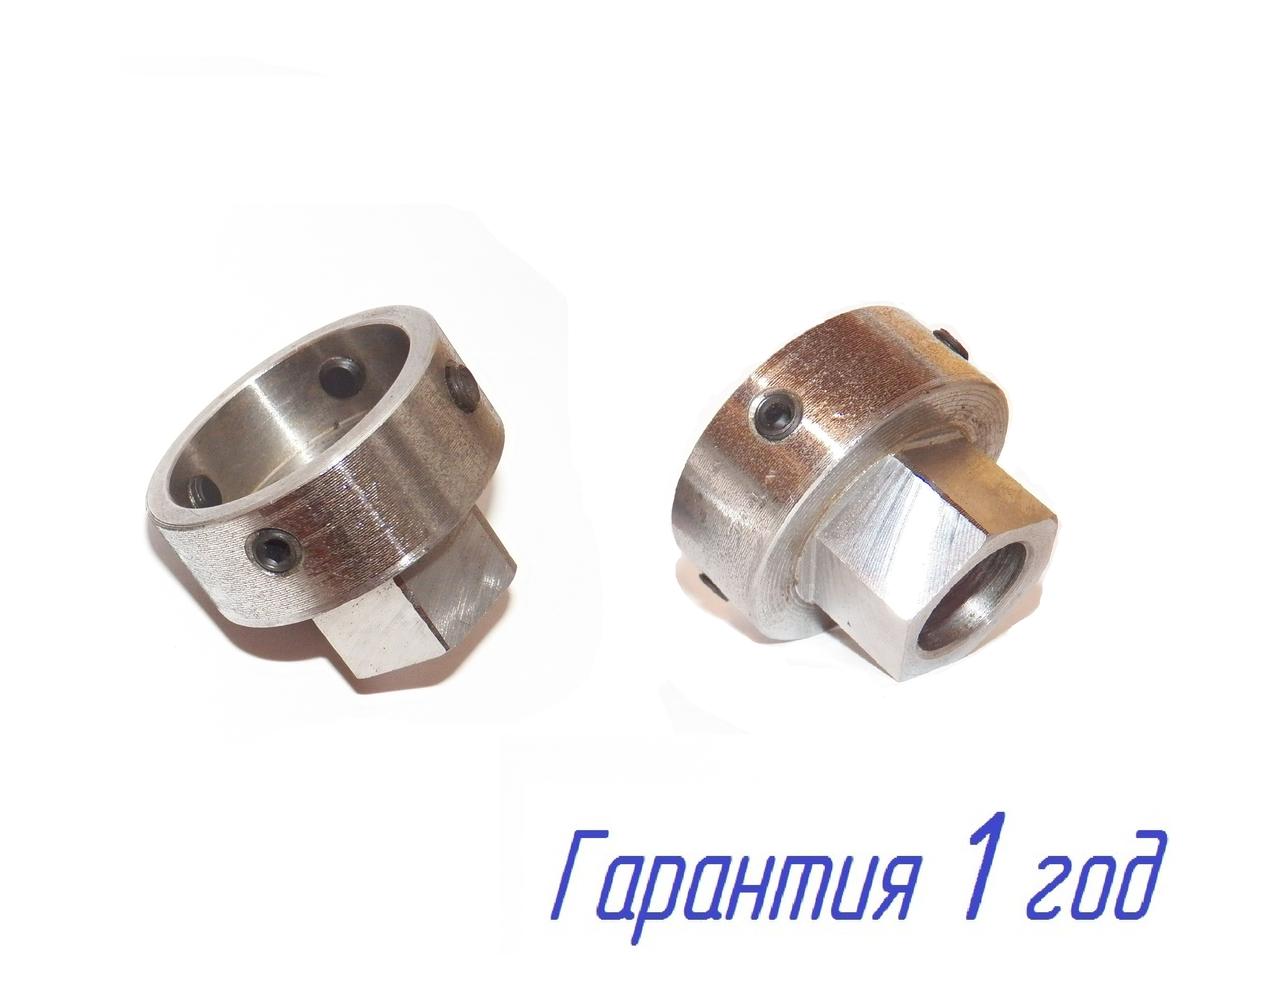 Плашкодержатели М 16,18,20; G:1/2 под ключ с направляющей втулкой